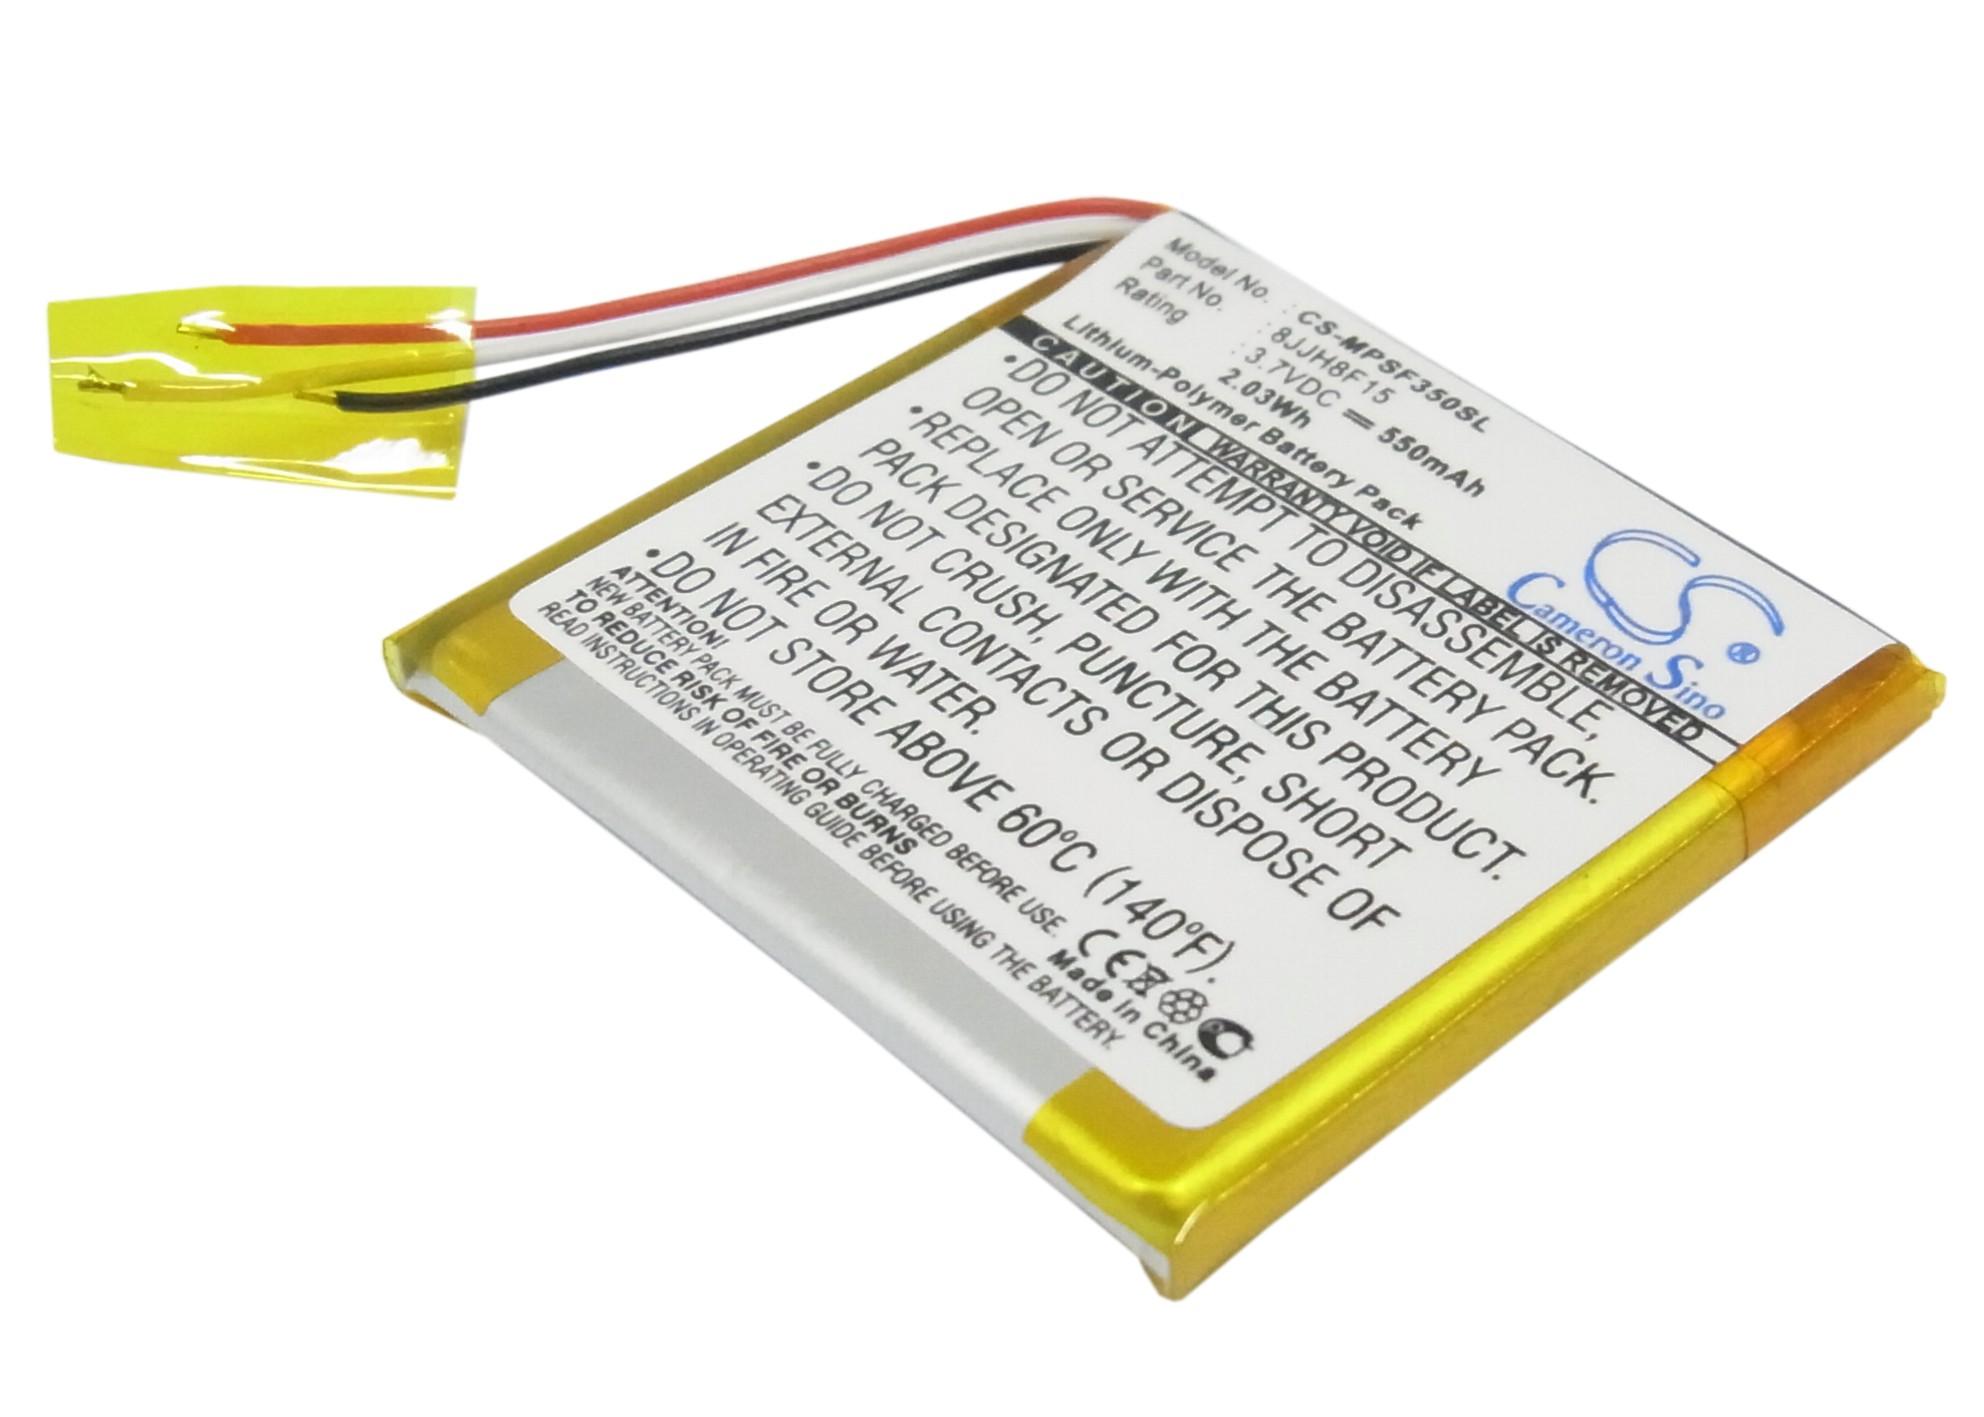 Cameron Sino baterie do mp3 přehrávačů pro SANDISK Sansa Fuze 8GB 3.7V Li-Polymer 550mAh černá - neoriginální